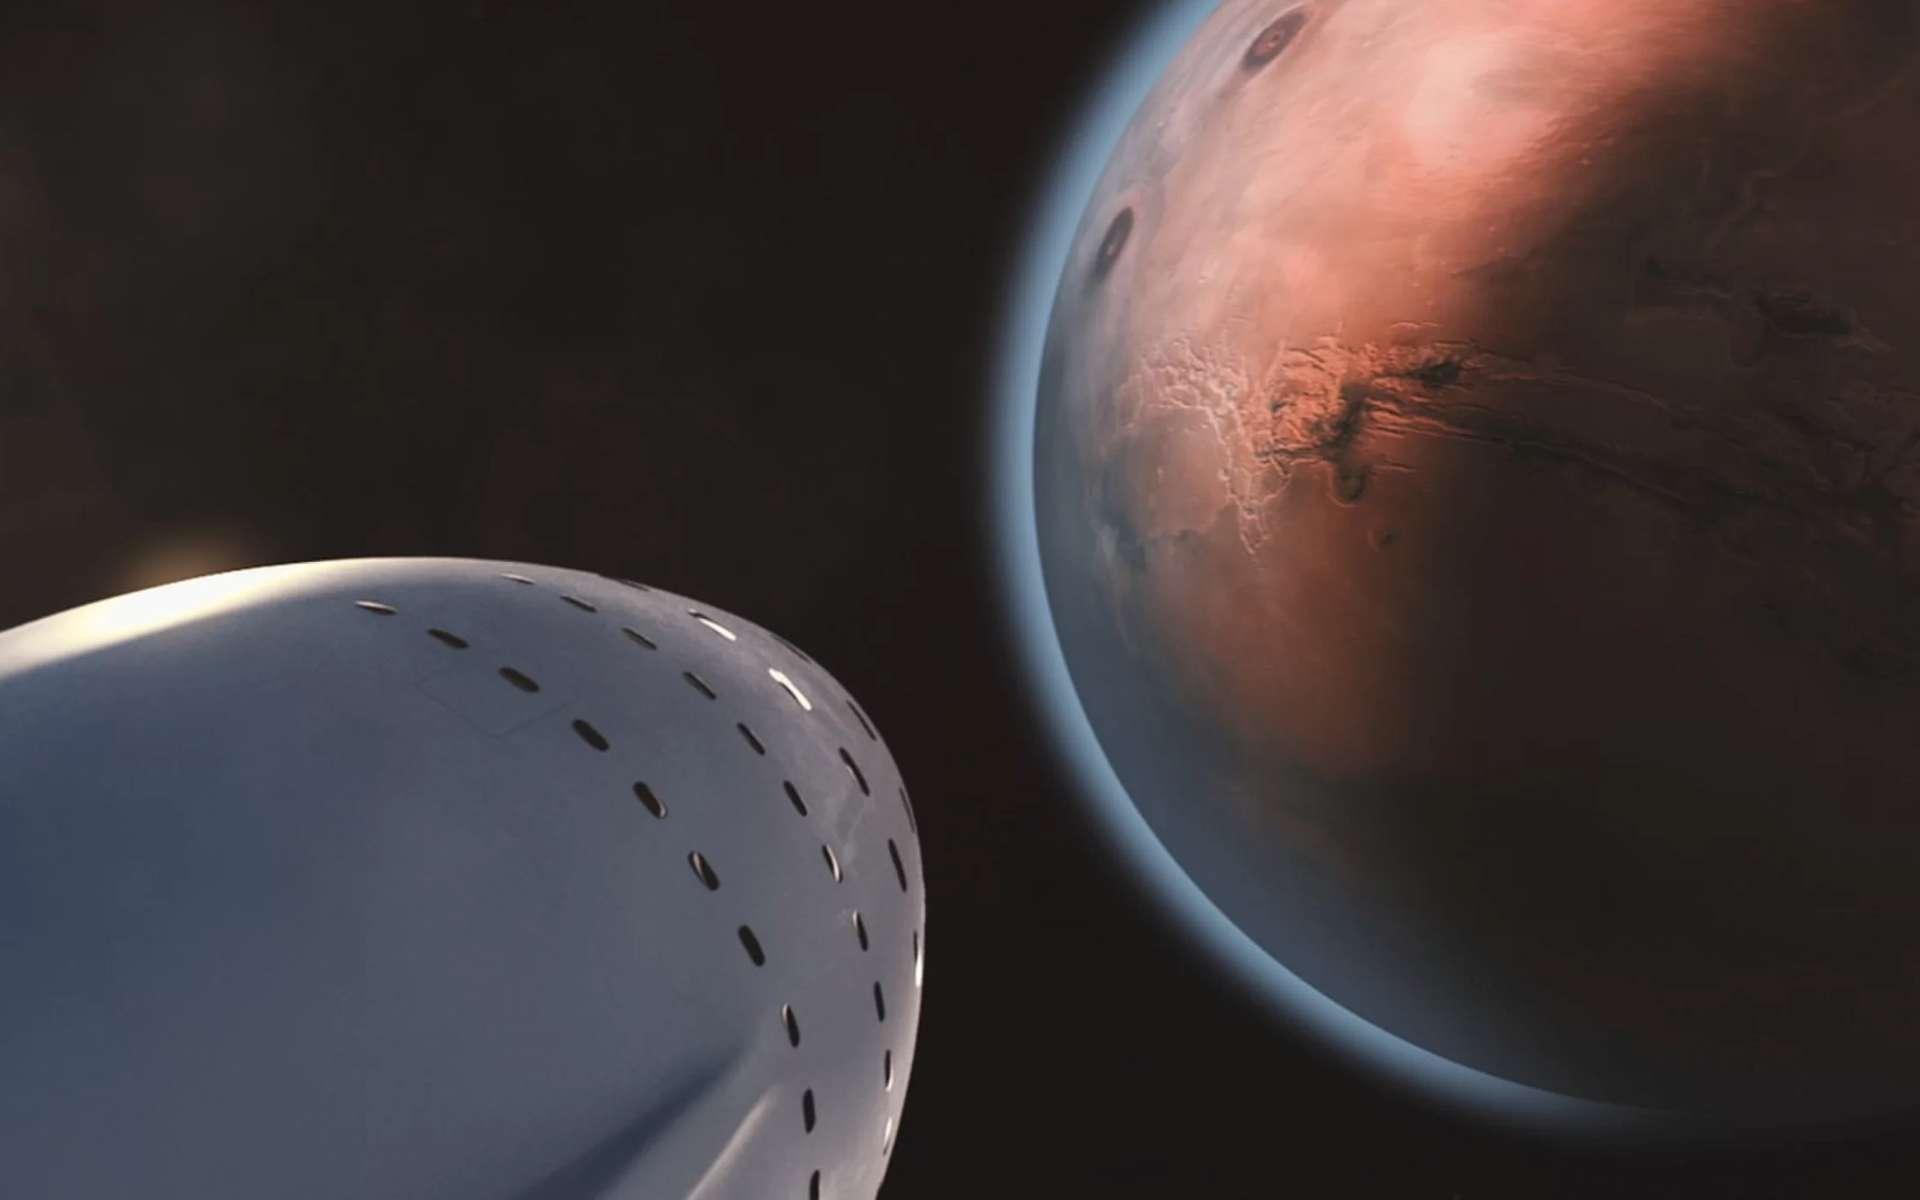 Elon Musk part à la conquête de Mars. Il a livré les détails de son projet de colonisation. Ici, image extraite de la vidéo présentée par Elon Musk : une navette et son équipage de 100 personnes sont en vue de la Planète rouge. © SpaceX